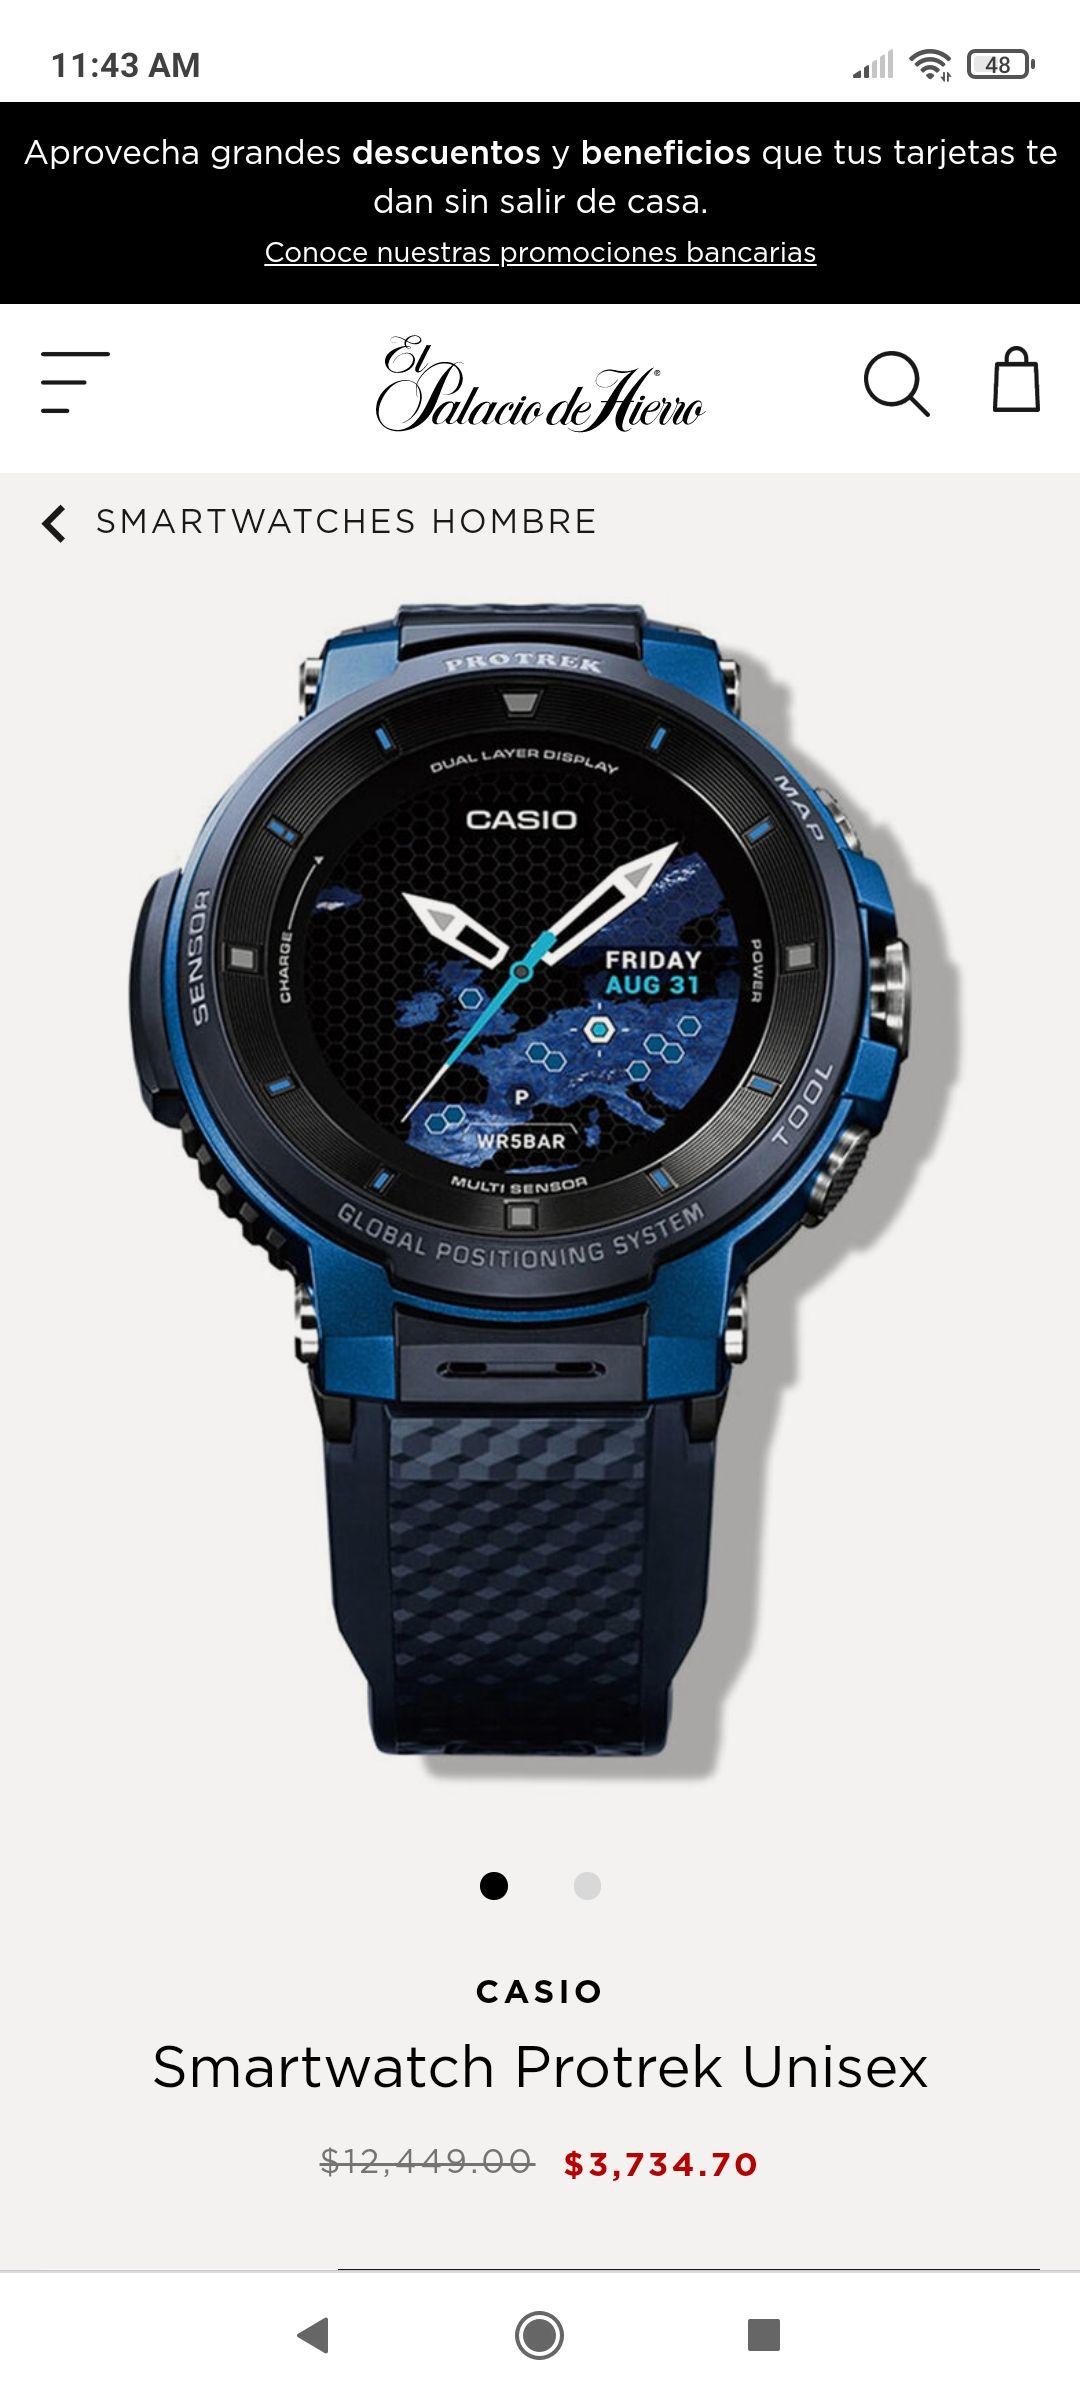 El Palacio de Hierro: Casio Smartwatch Protrek Unisex de 12499 a 3734